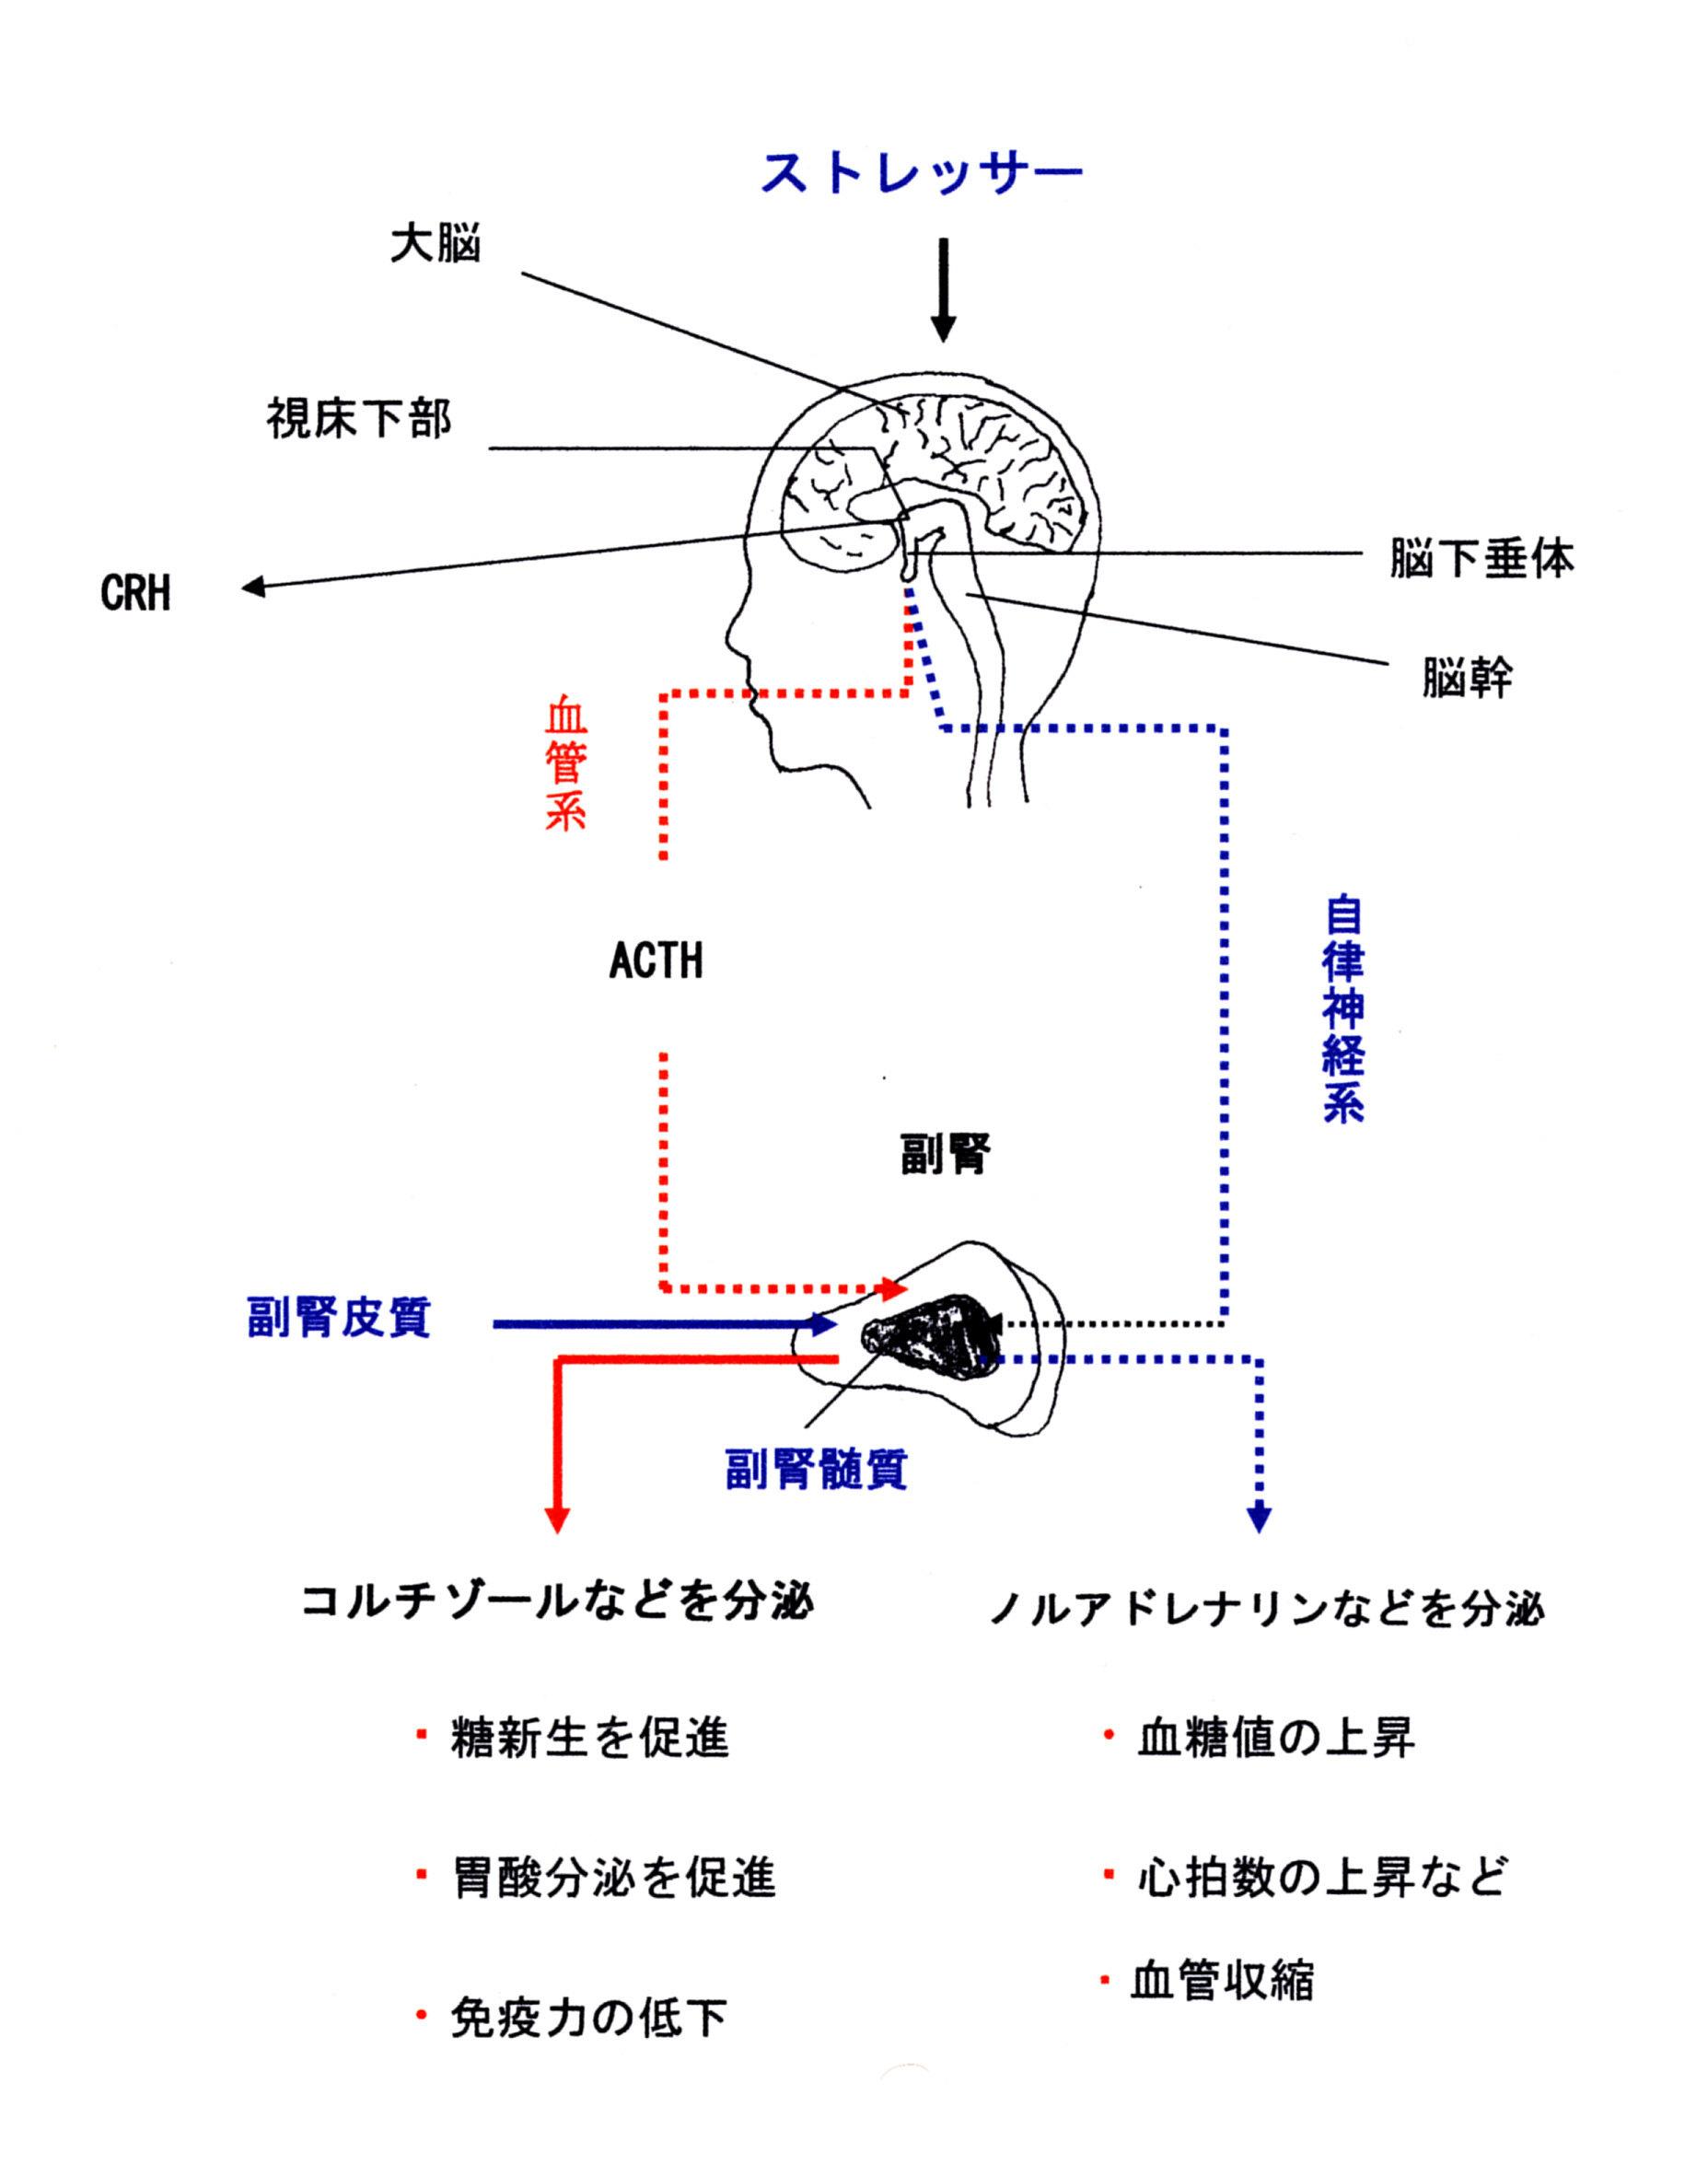 fig_2_12.jpg